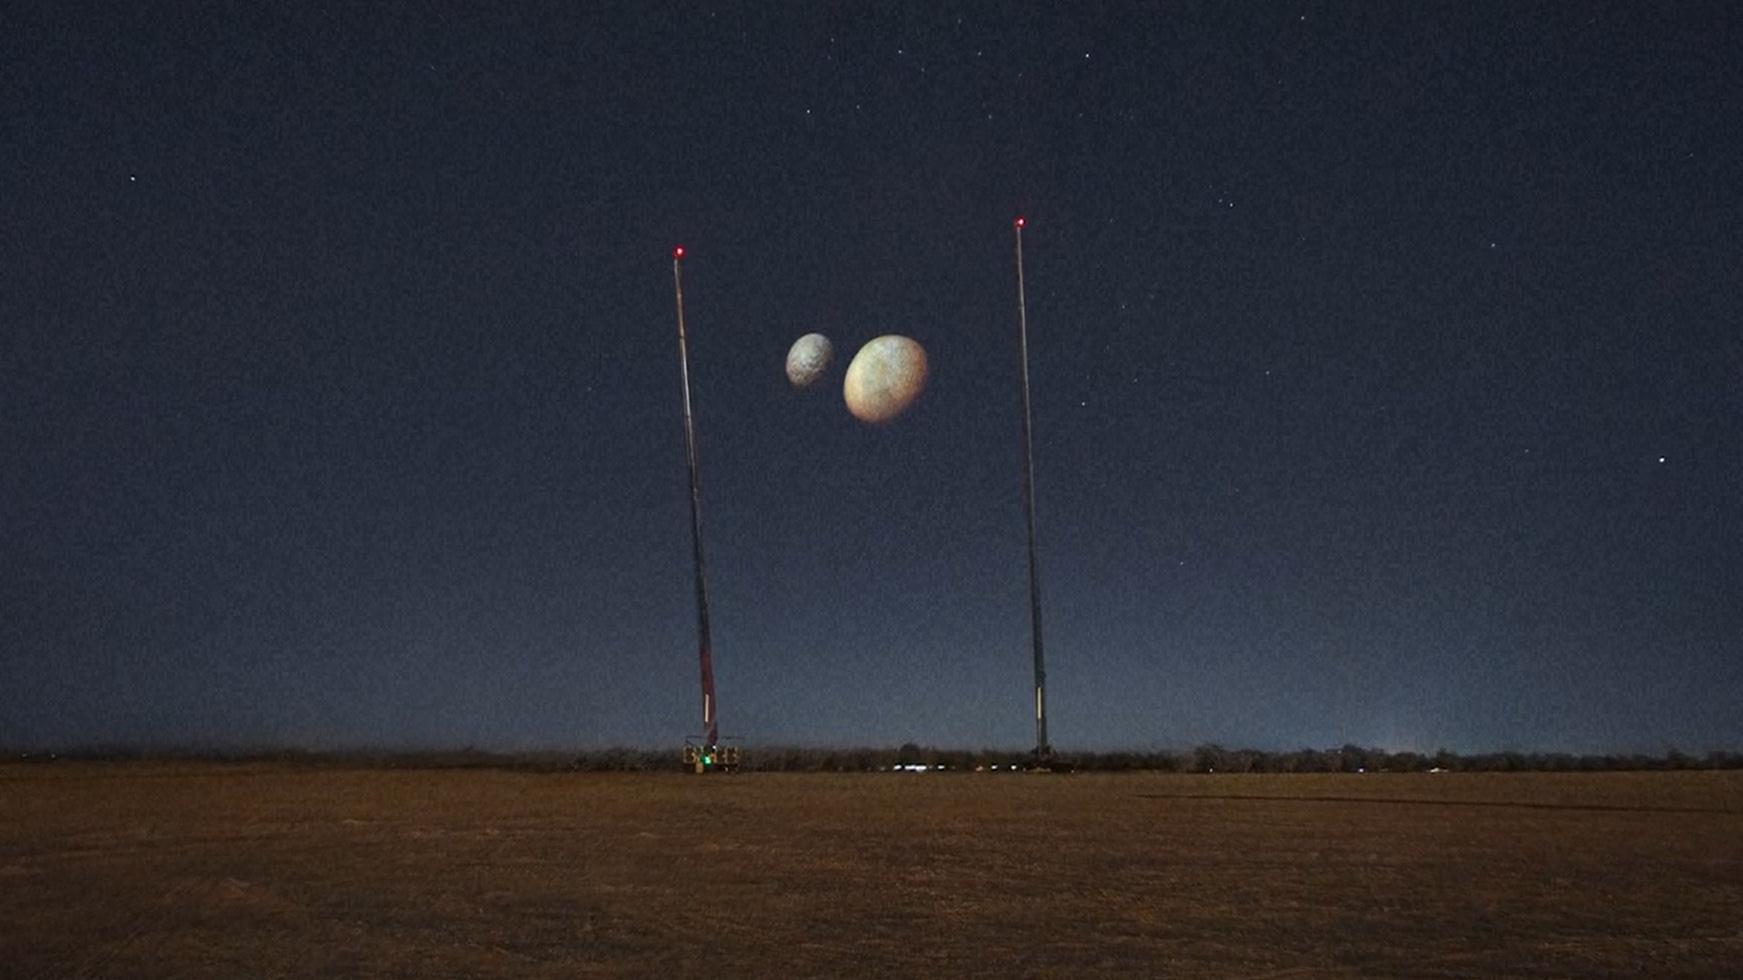 Les projections des lunes de Mars Phobos et Deimos brillent dans le ciel nocturne au-dessus de Dubaï pour célébrer l'arrivée de la mission Hope sur la planète rouge.